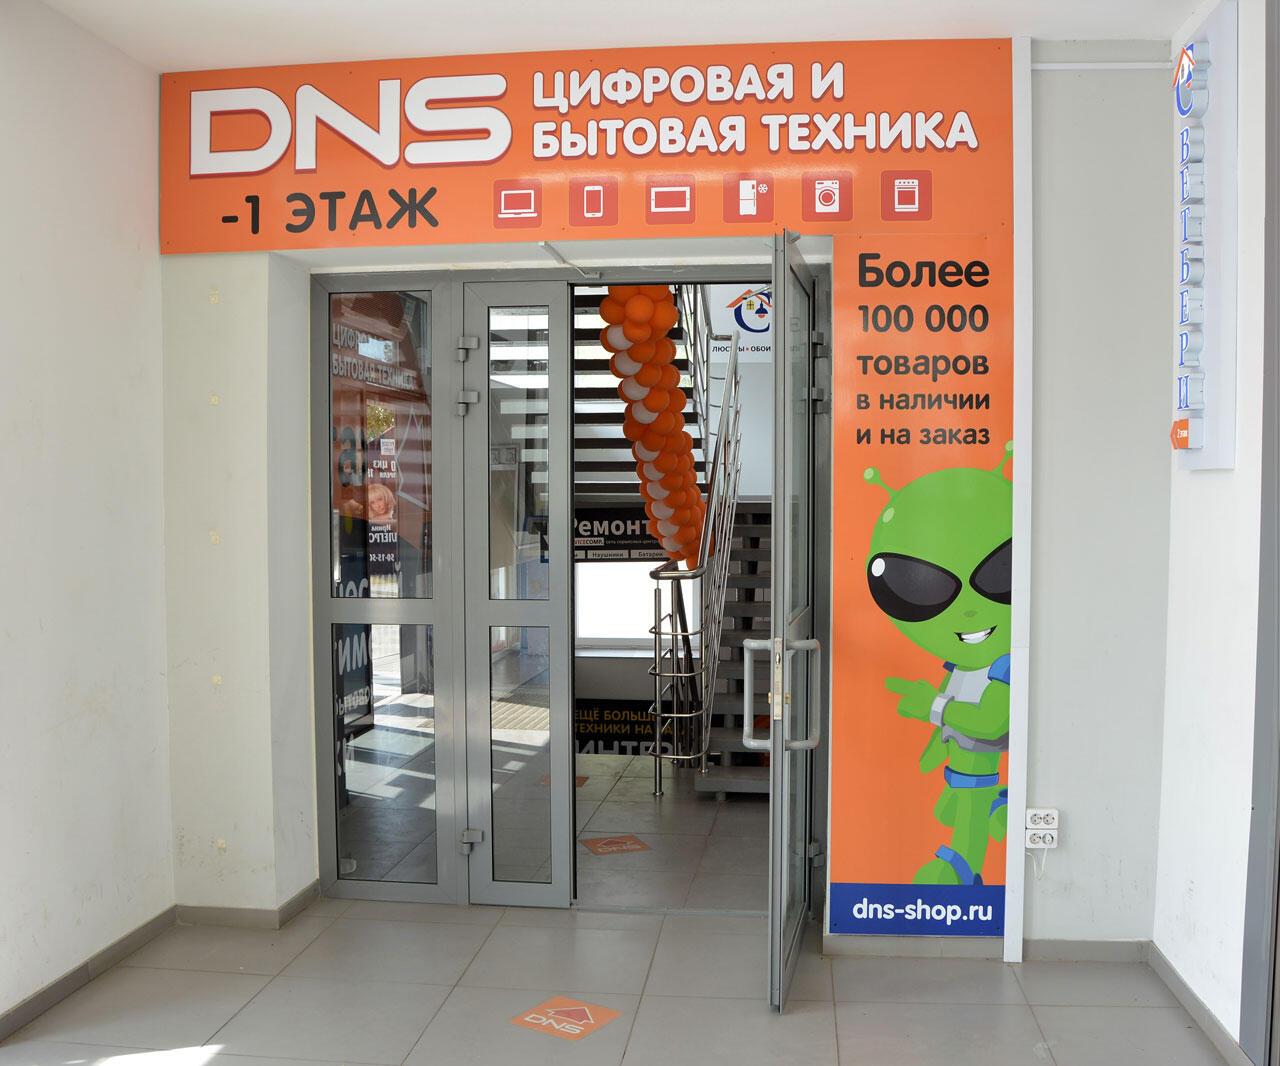 Нижегородская область купить авто в кредит